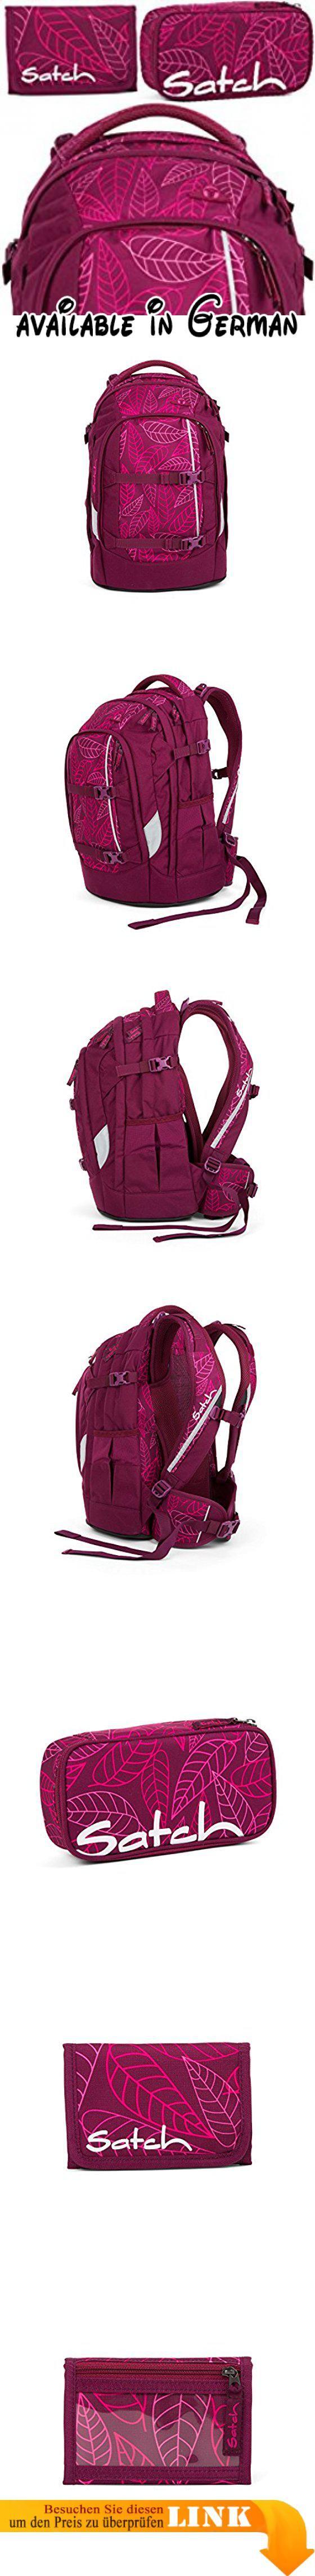 """satch pack Puple Leaves 3er Set Rucksack, Schlamperbox & Geldbeutel. Das Set enthält:. 1x Schulrucksack """"pack"""". 1x Schlamperbox. 1x Geldbeutel #Koffer, Rucksäcke & Taschen #LUGGAGE"""